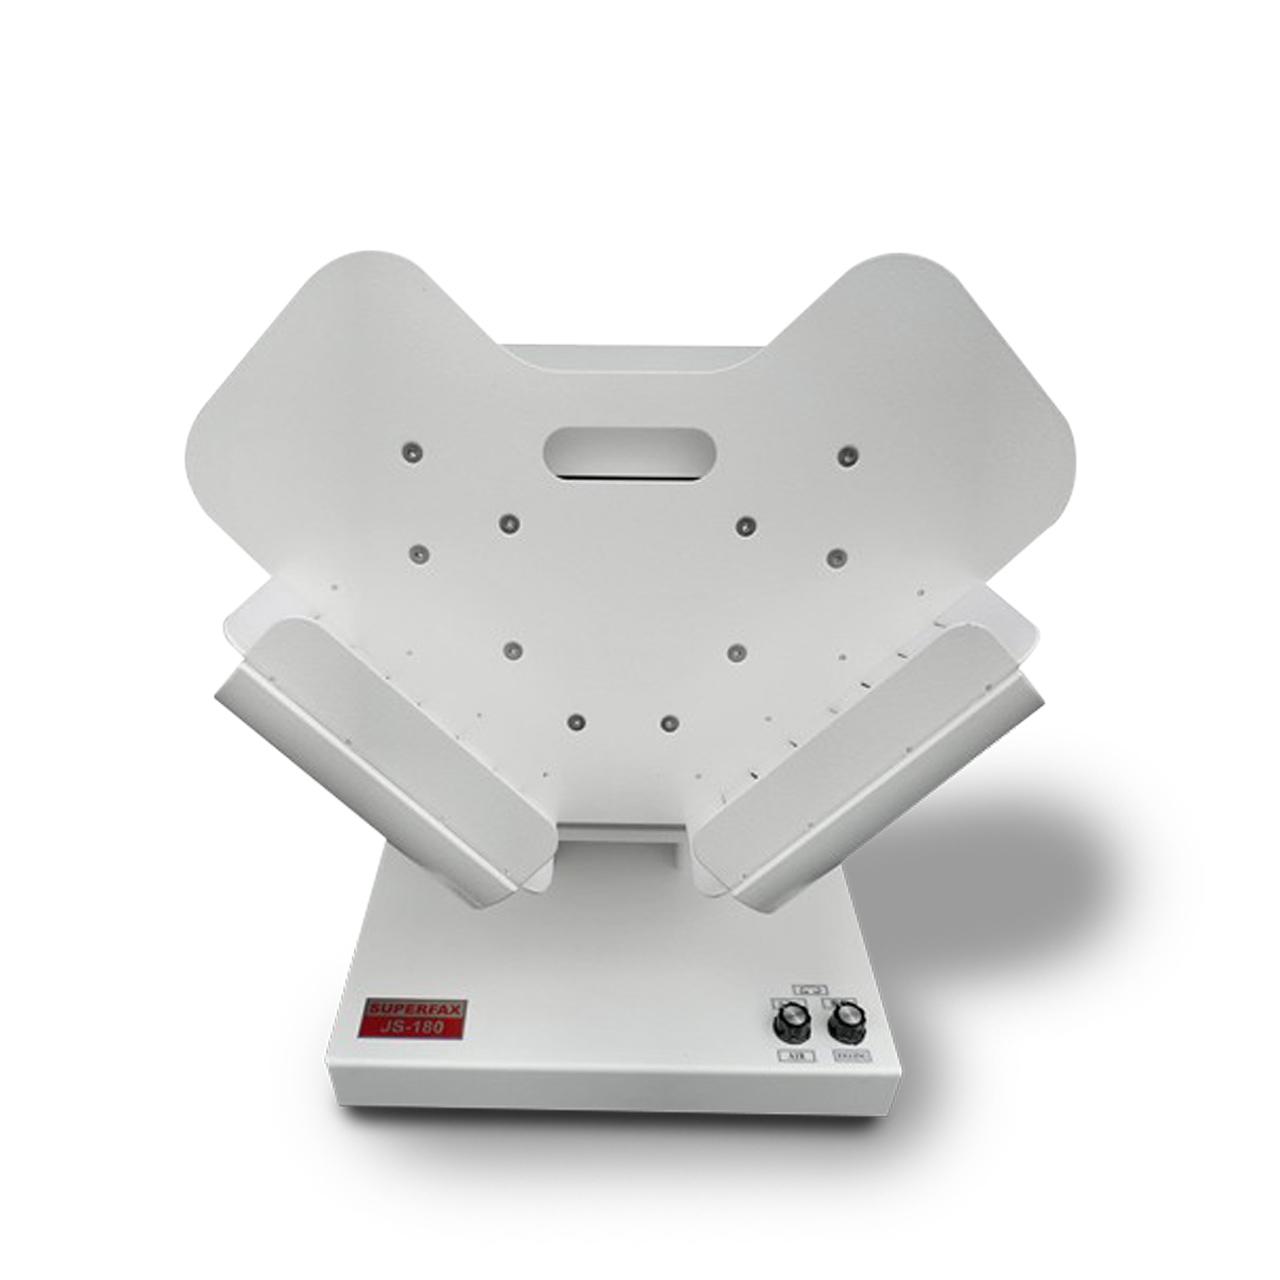 Luft-Papierrüttler Superfax JS-180